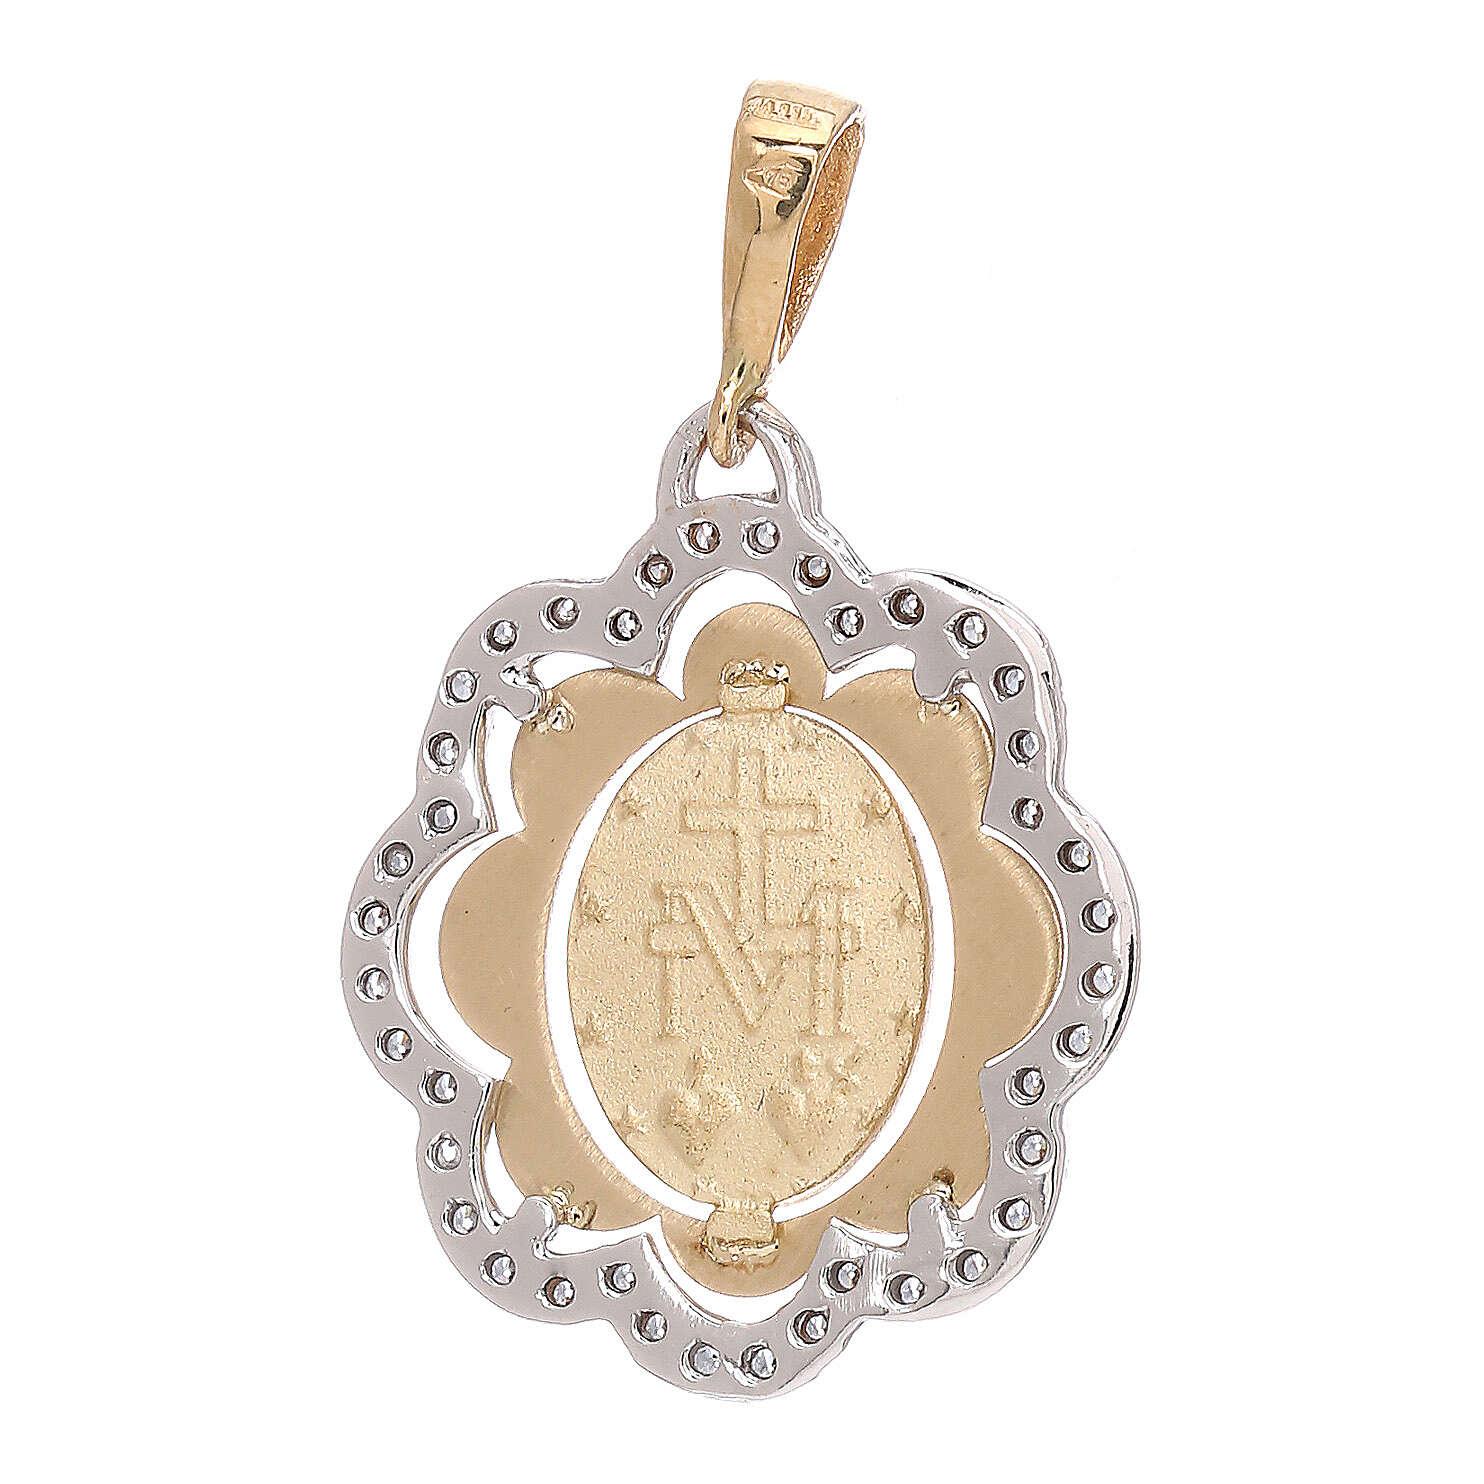 Pingente flor Medalha Milagrosa ouro 750/00 zircões 2,2 gr 4